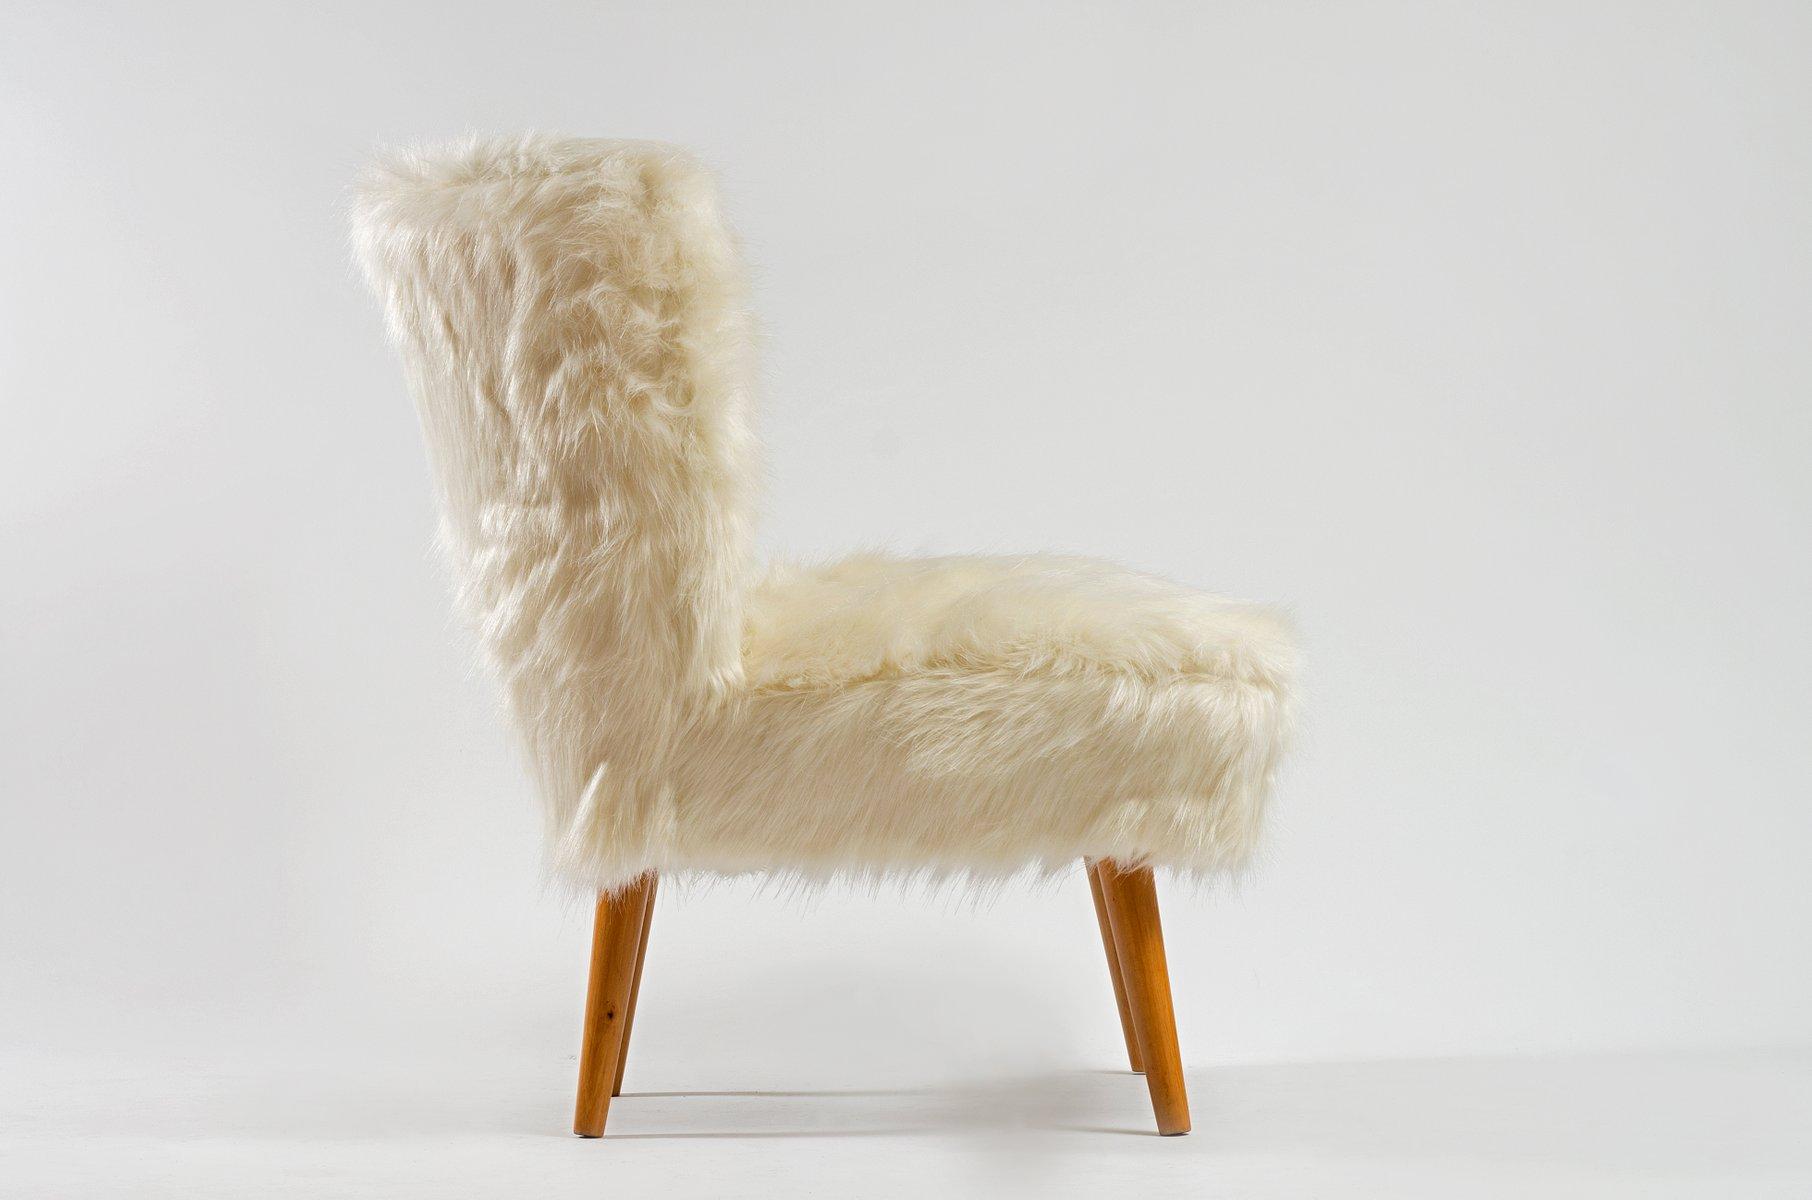 chaise cocktail mid century en fausse fourrure blanche en vente sur pamono. Black Bedroom Furniture Sets. Home Design Ideas